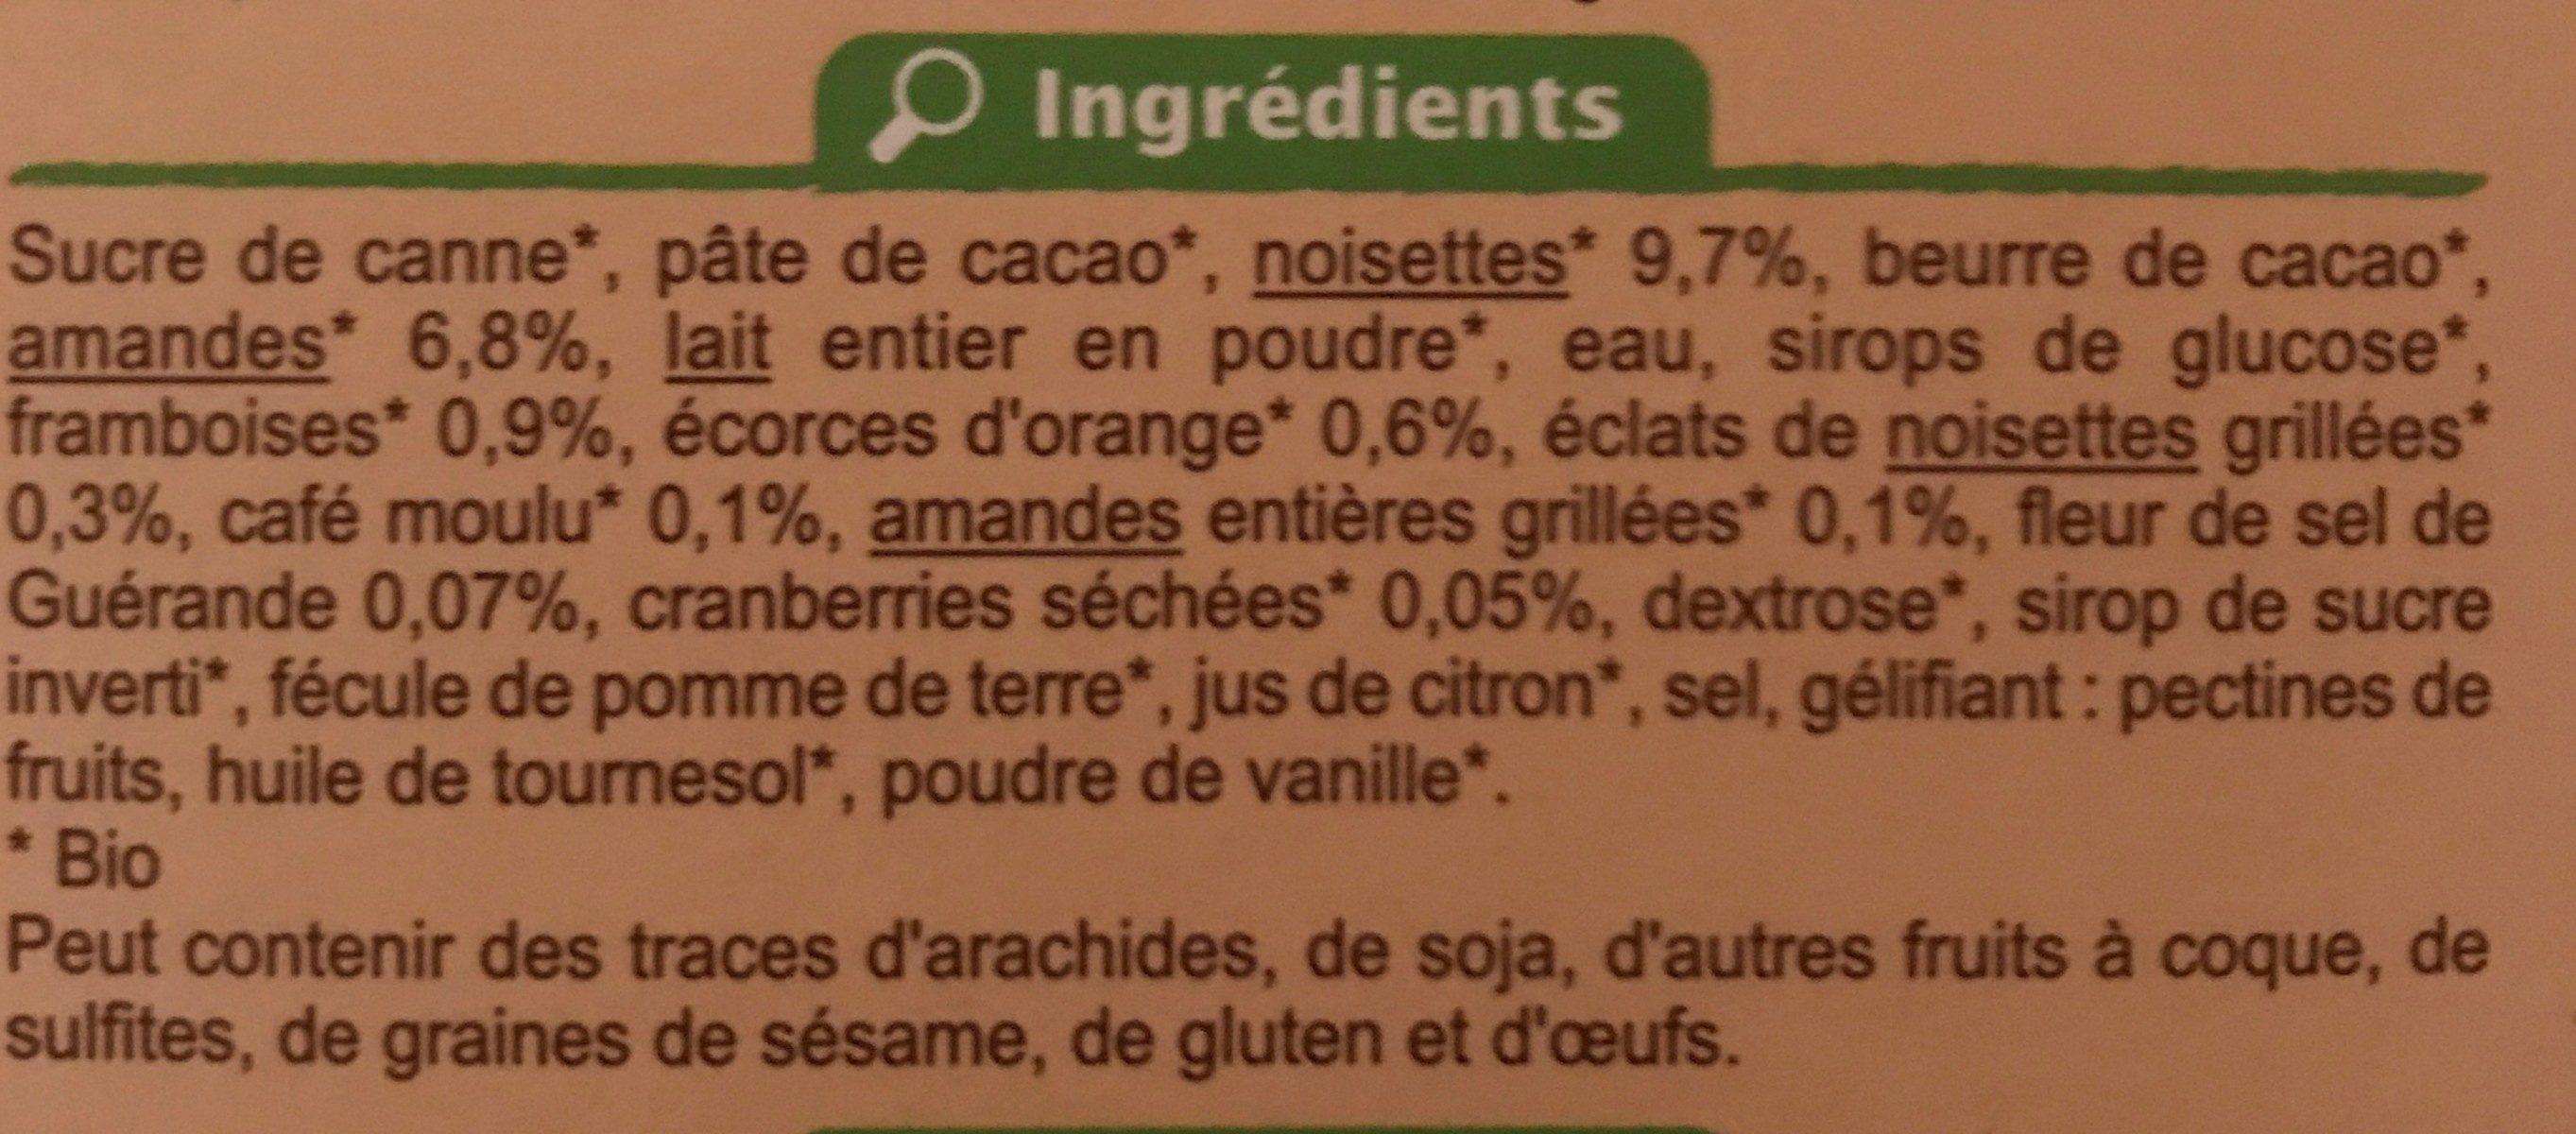 Assortiment de chocolats - Ingrédients